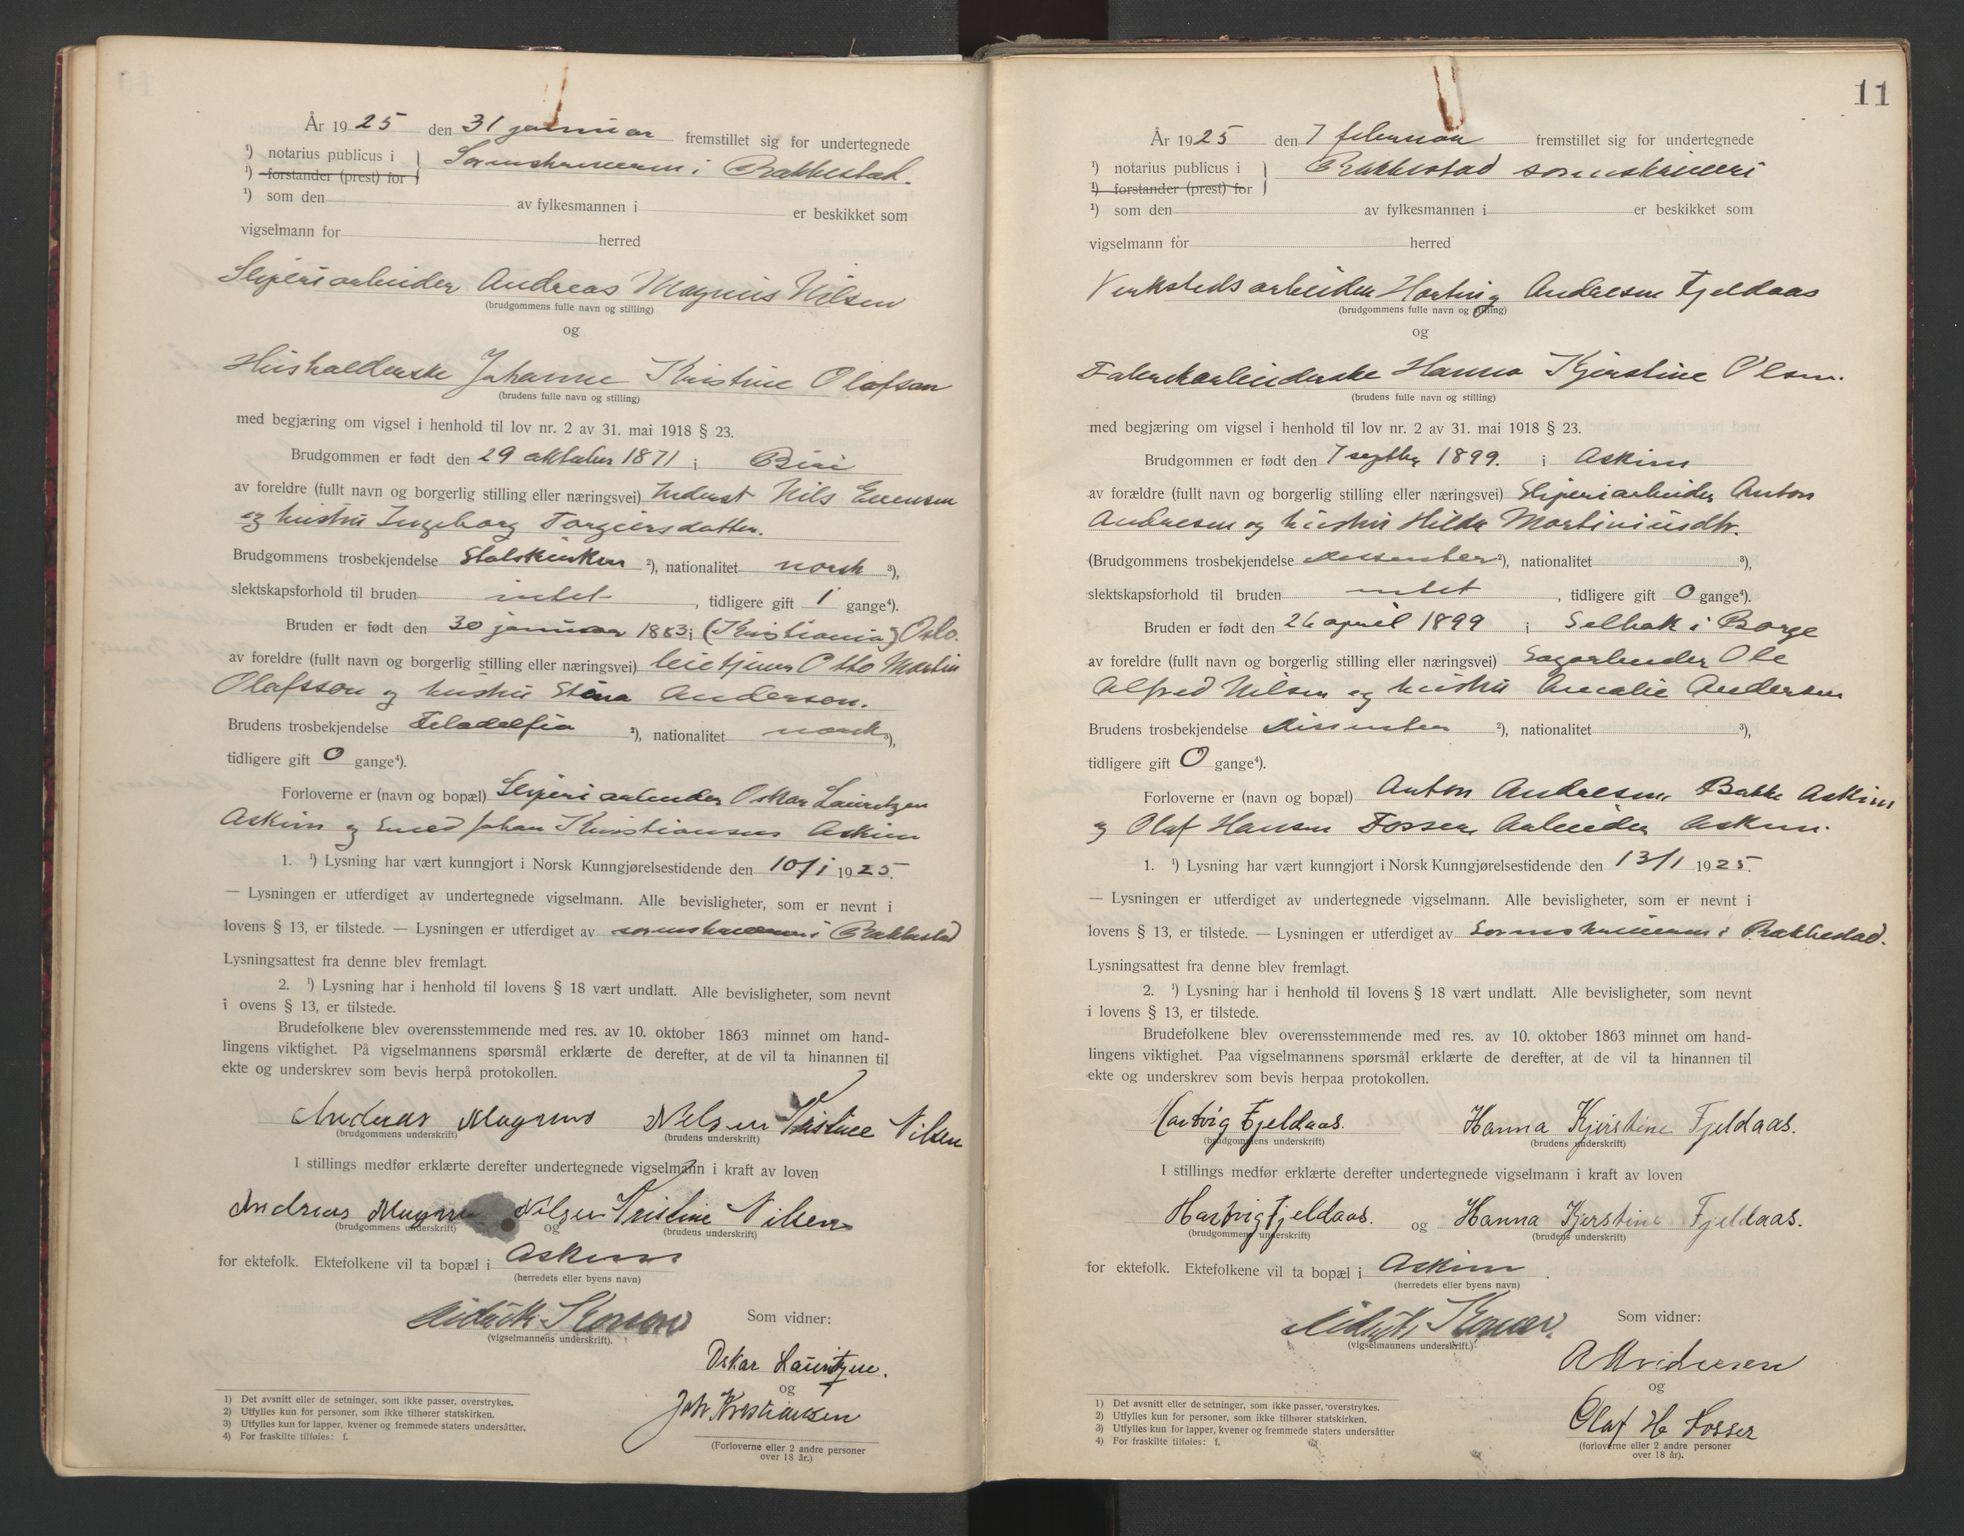 SAO, Rakkestad sorenskriveri, L/Lc/Lca/L0001: Vigselbøker, 1920-1942, s. 11